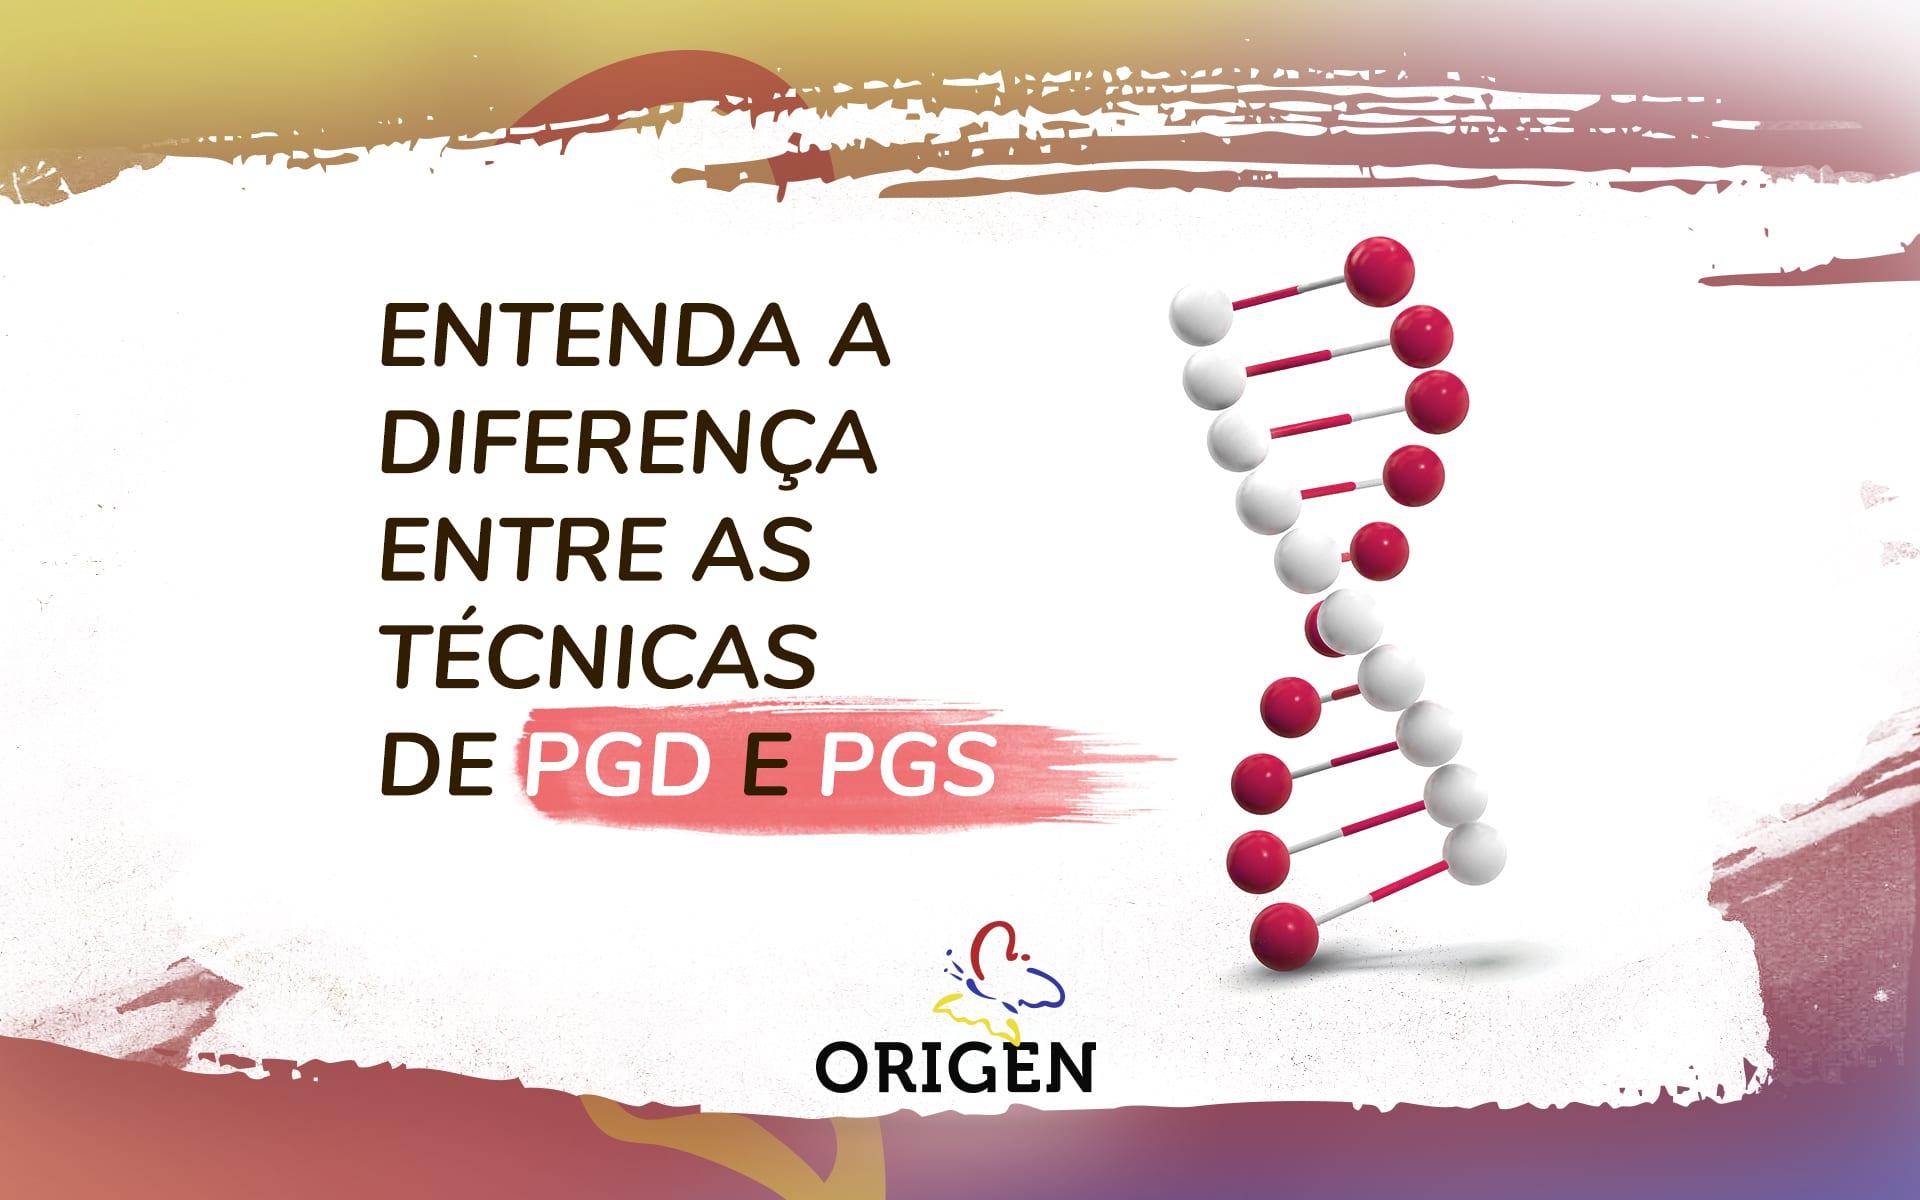 Diferença entre PGD e PGS